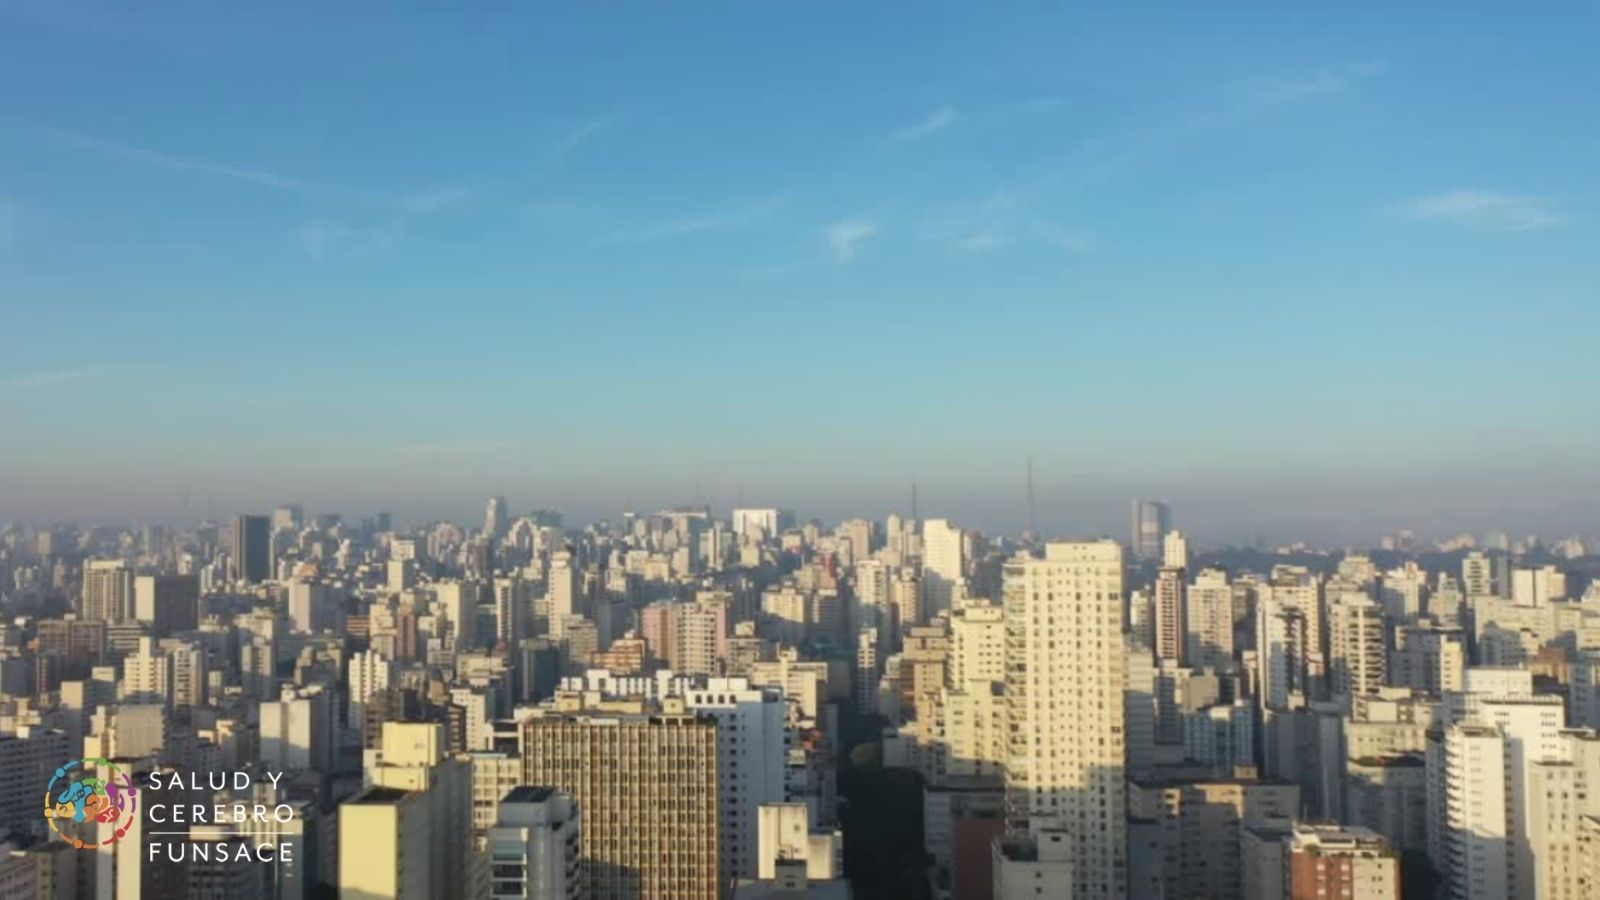 ¿Cómo puede afectar la contaminación del aire a nuestro cerebro?